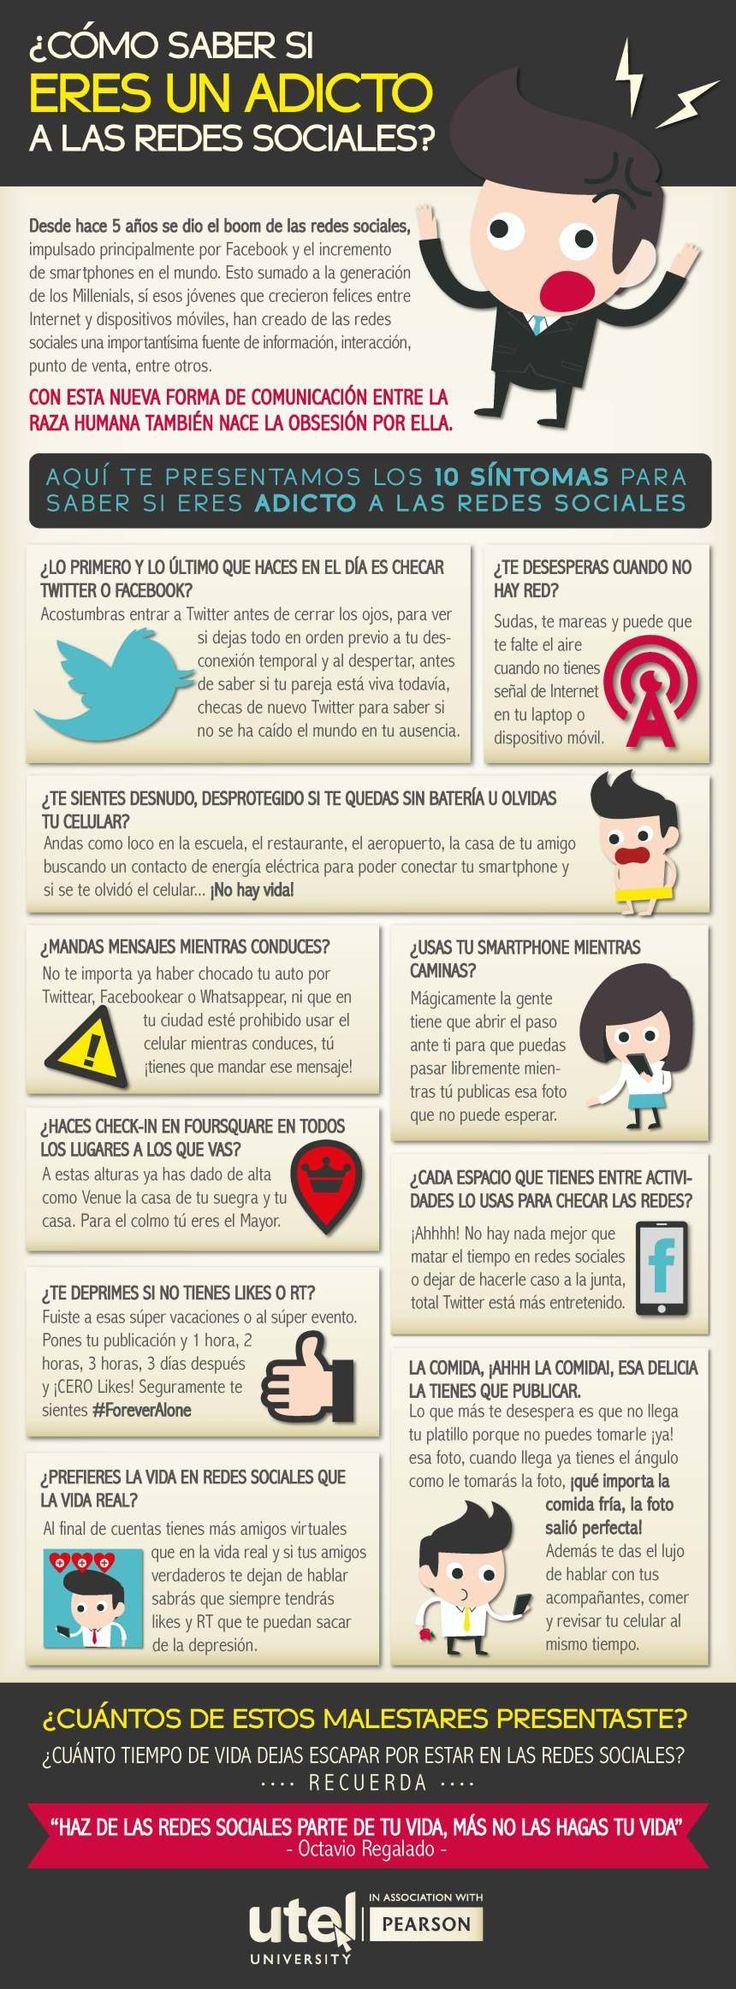 ¿Eres adicto a las Redes Sociales? | Infographic